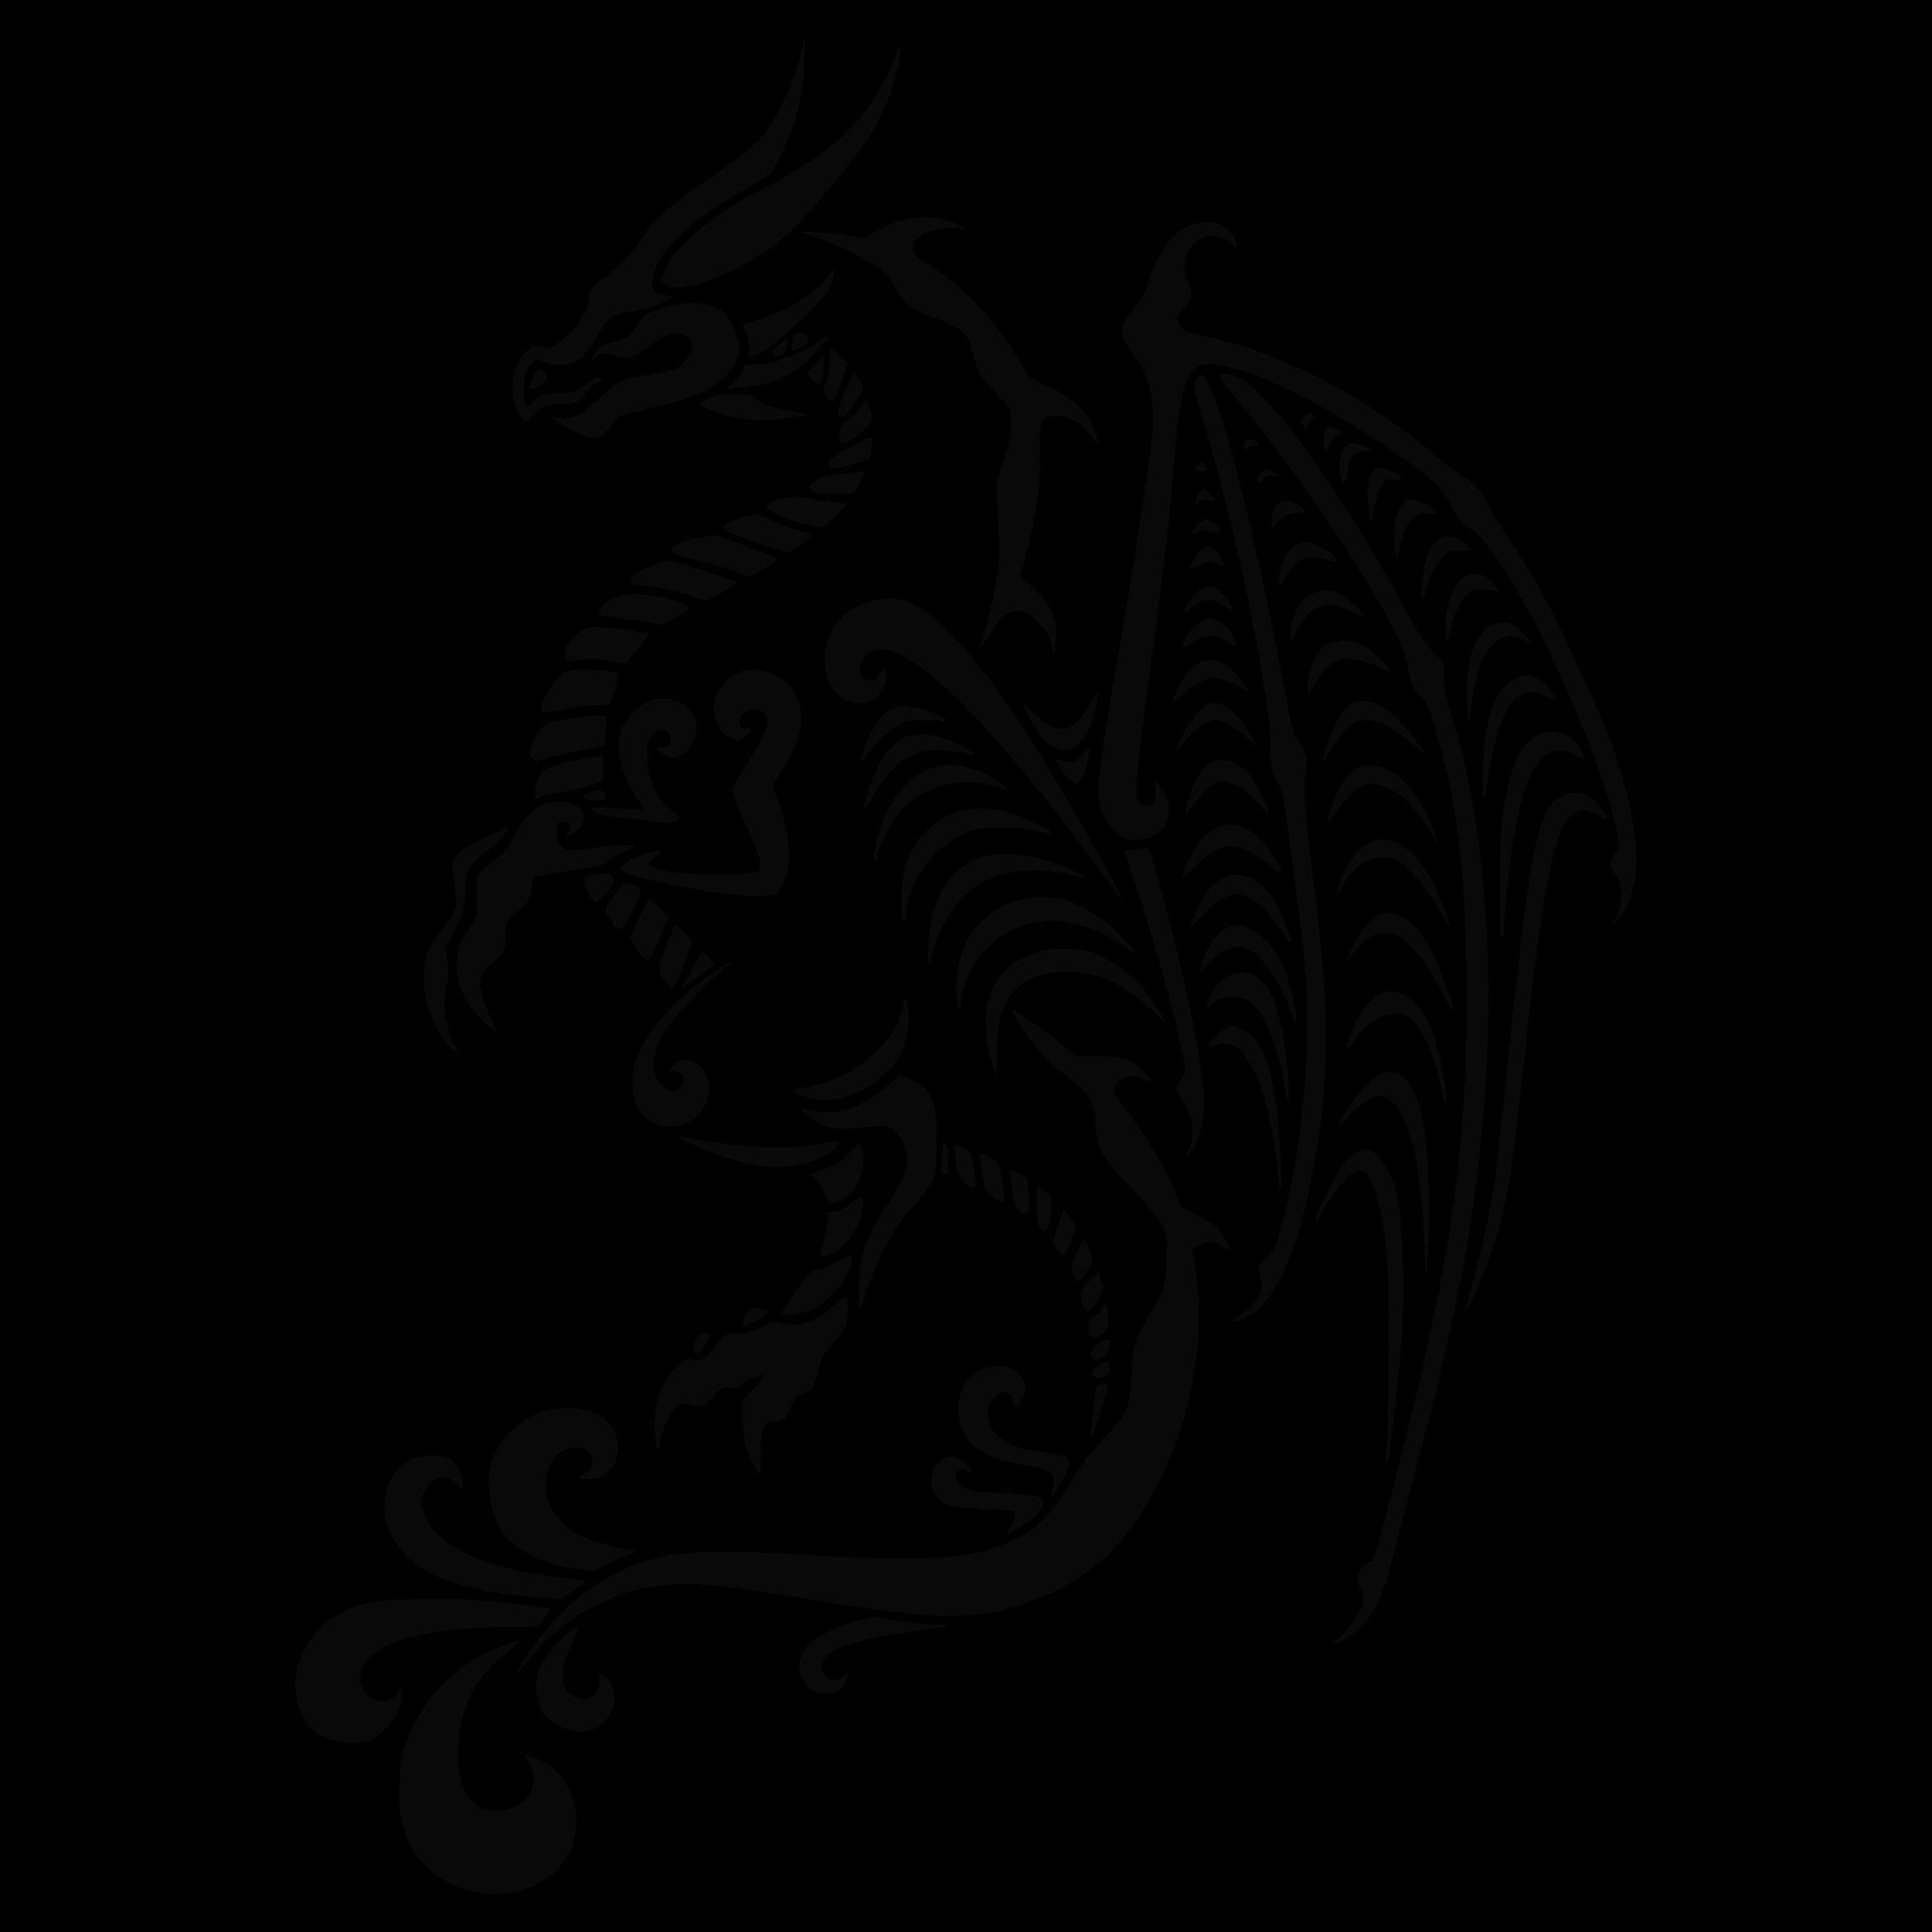 Dragon Tattoo Png: Dragon Tattoo